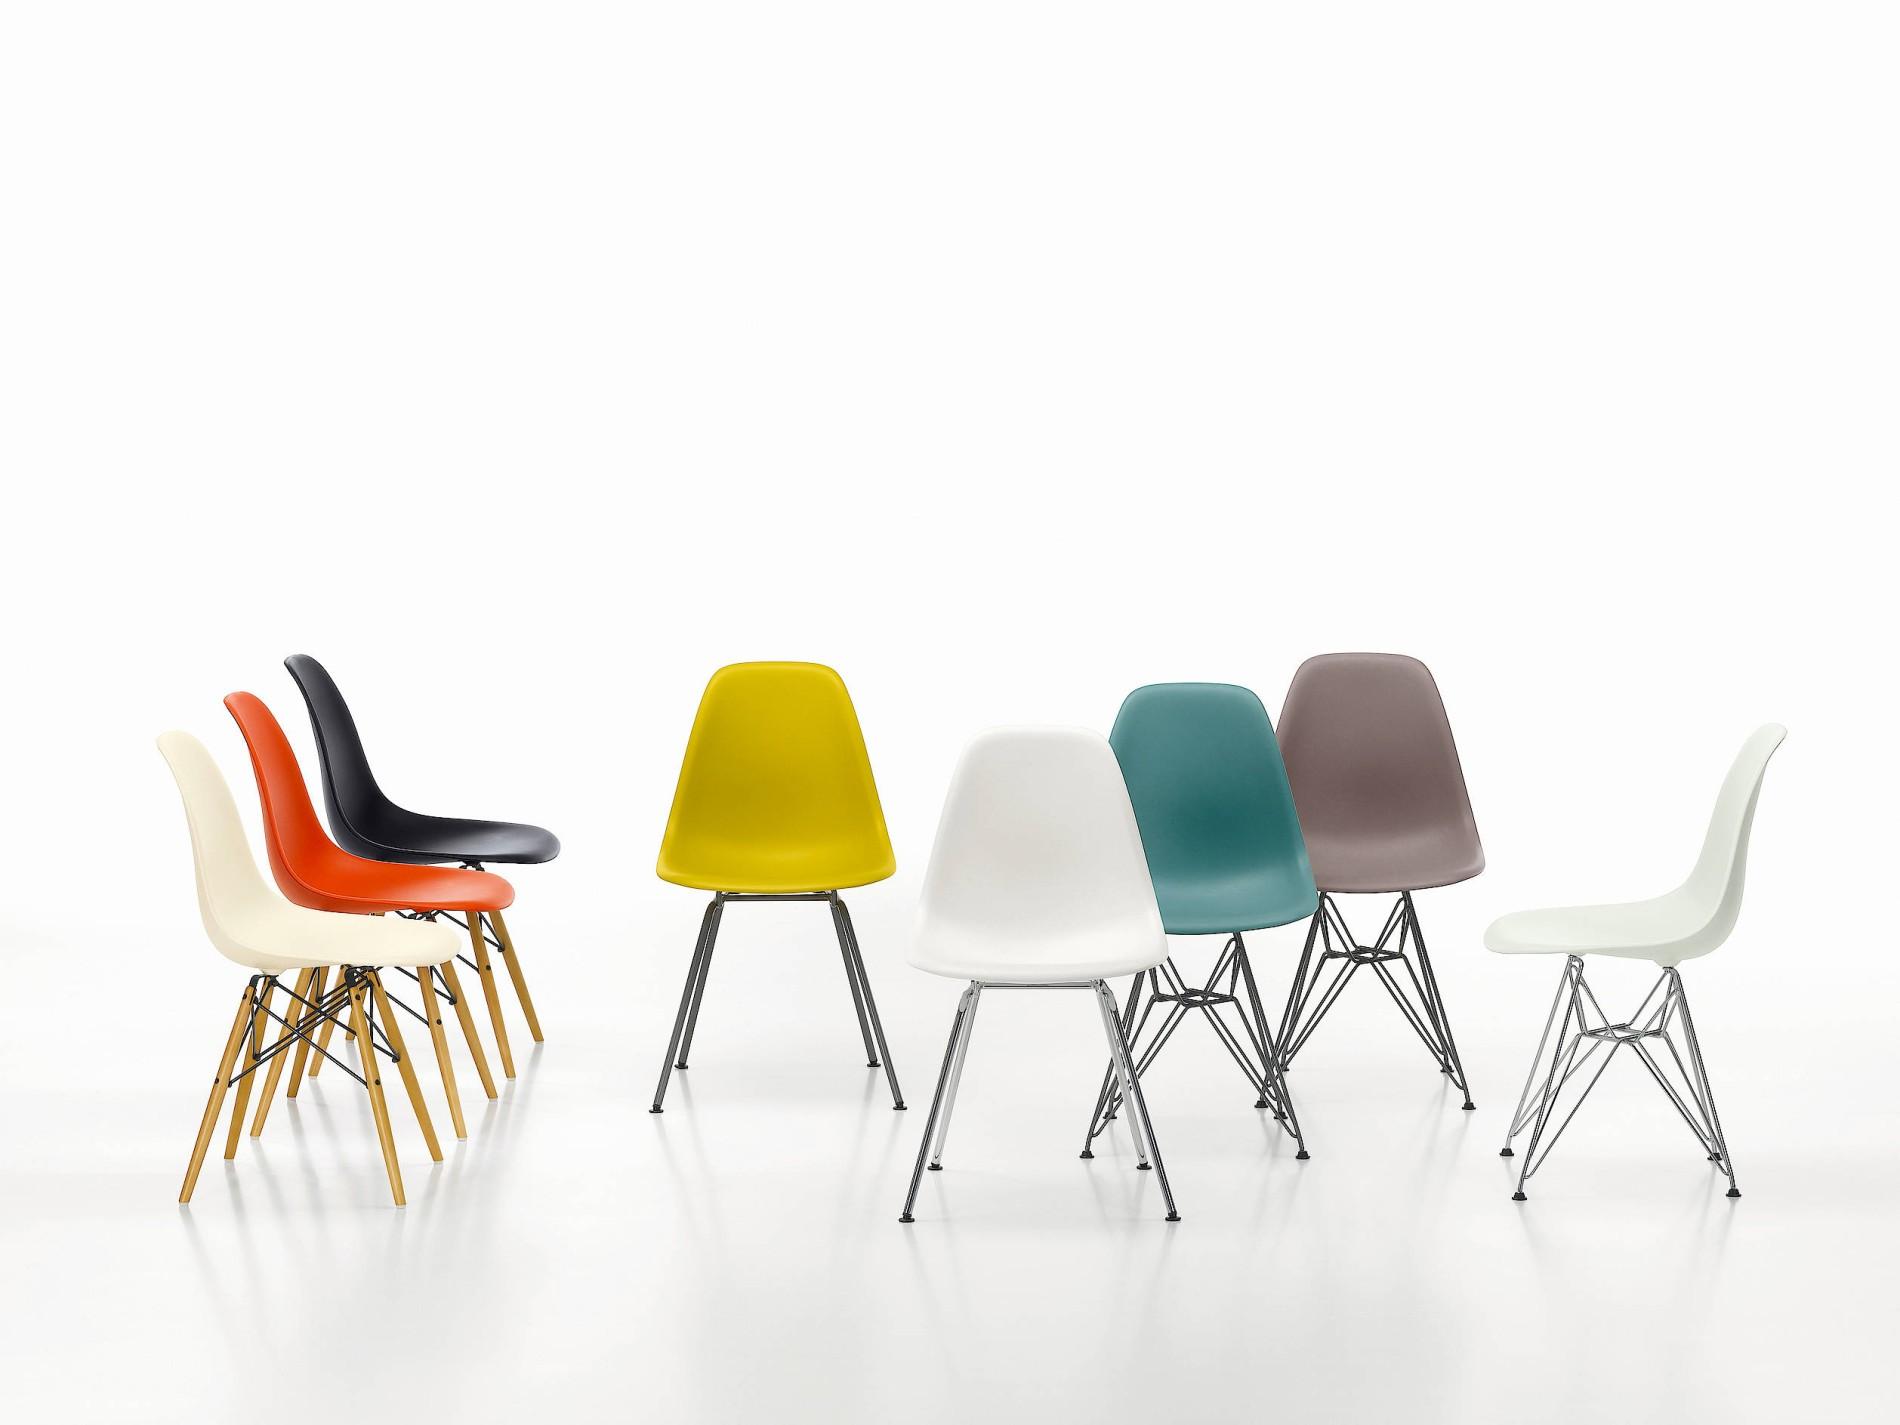 Der Markt Fur Mobel Replicas Von Eames Bis Arne Jacobsen Boomt